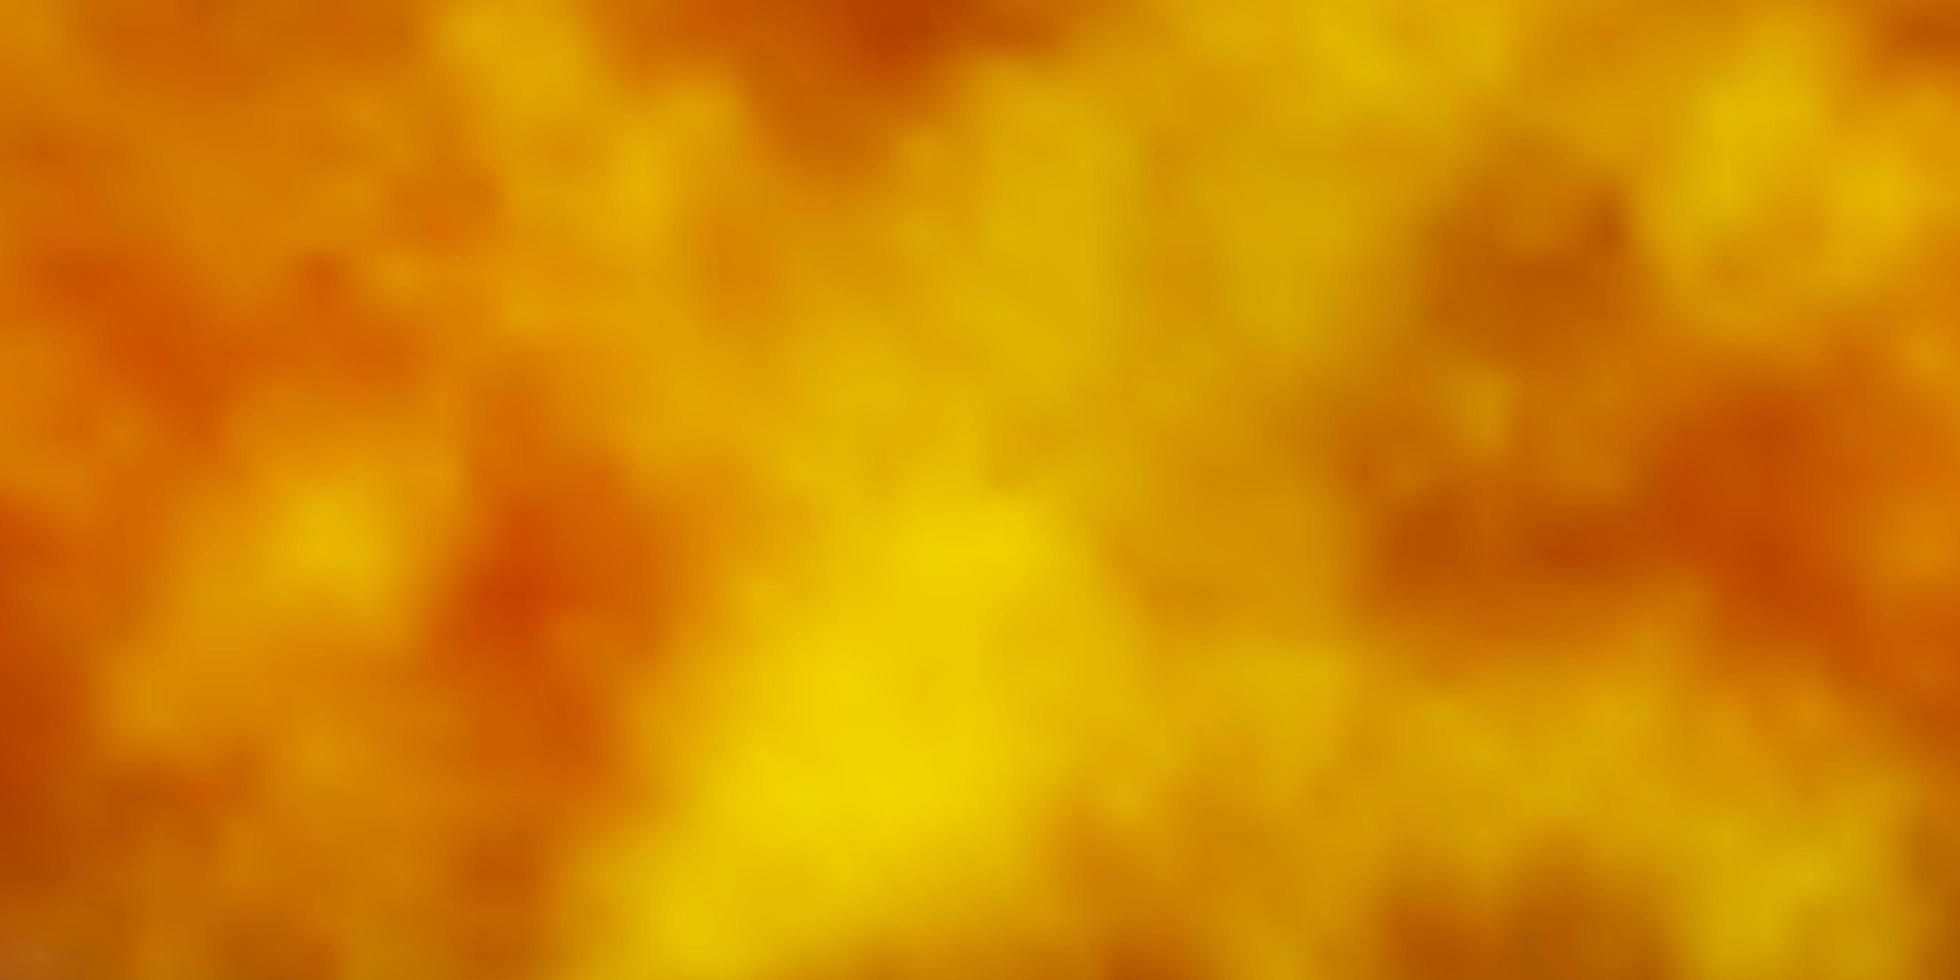 sfondo giallo scuro con nuvole. vettore